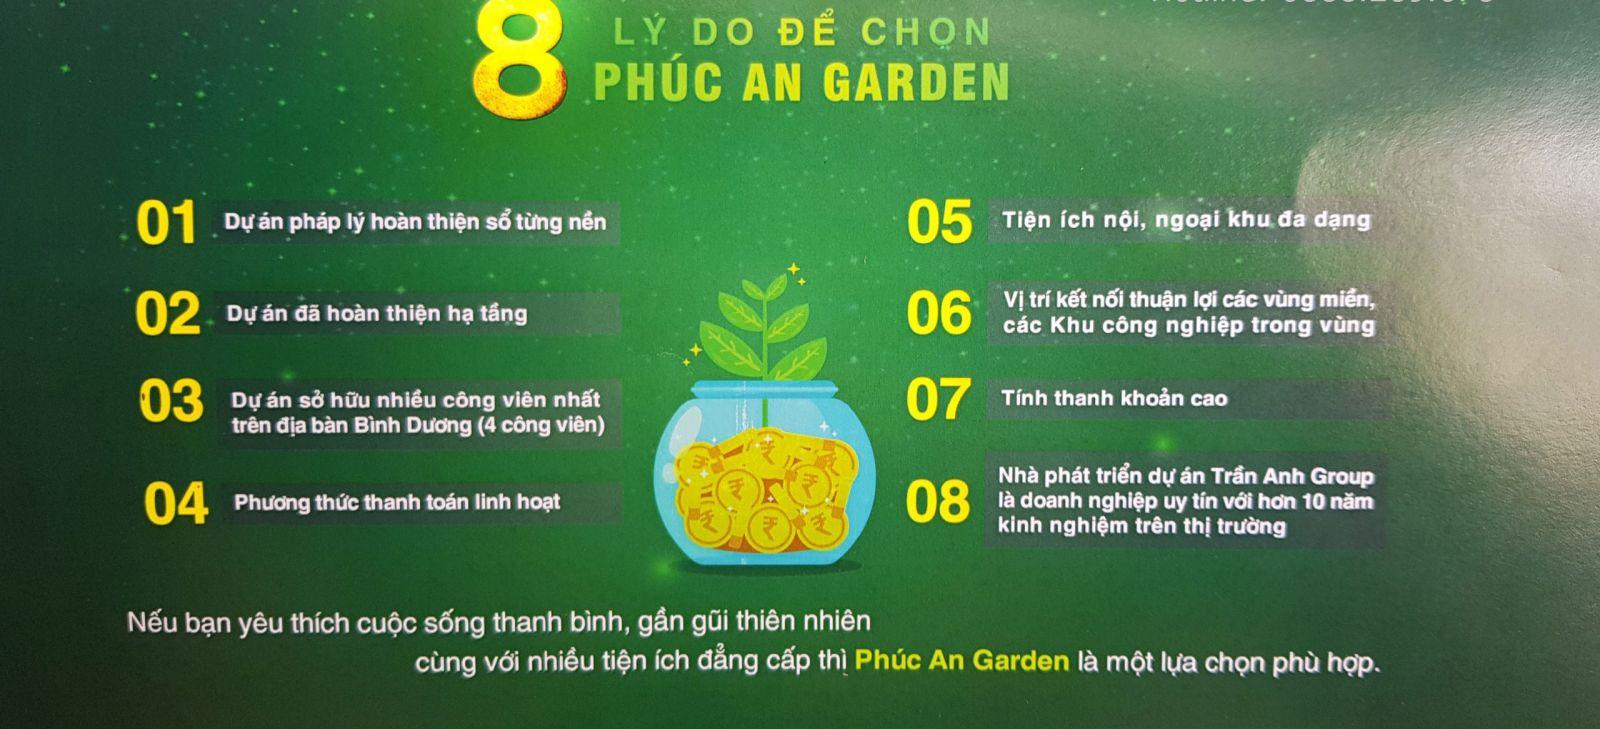 ly-do-mua-phuc-an-garden-binh-duong